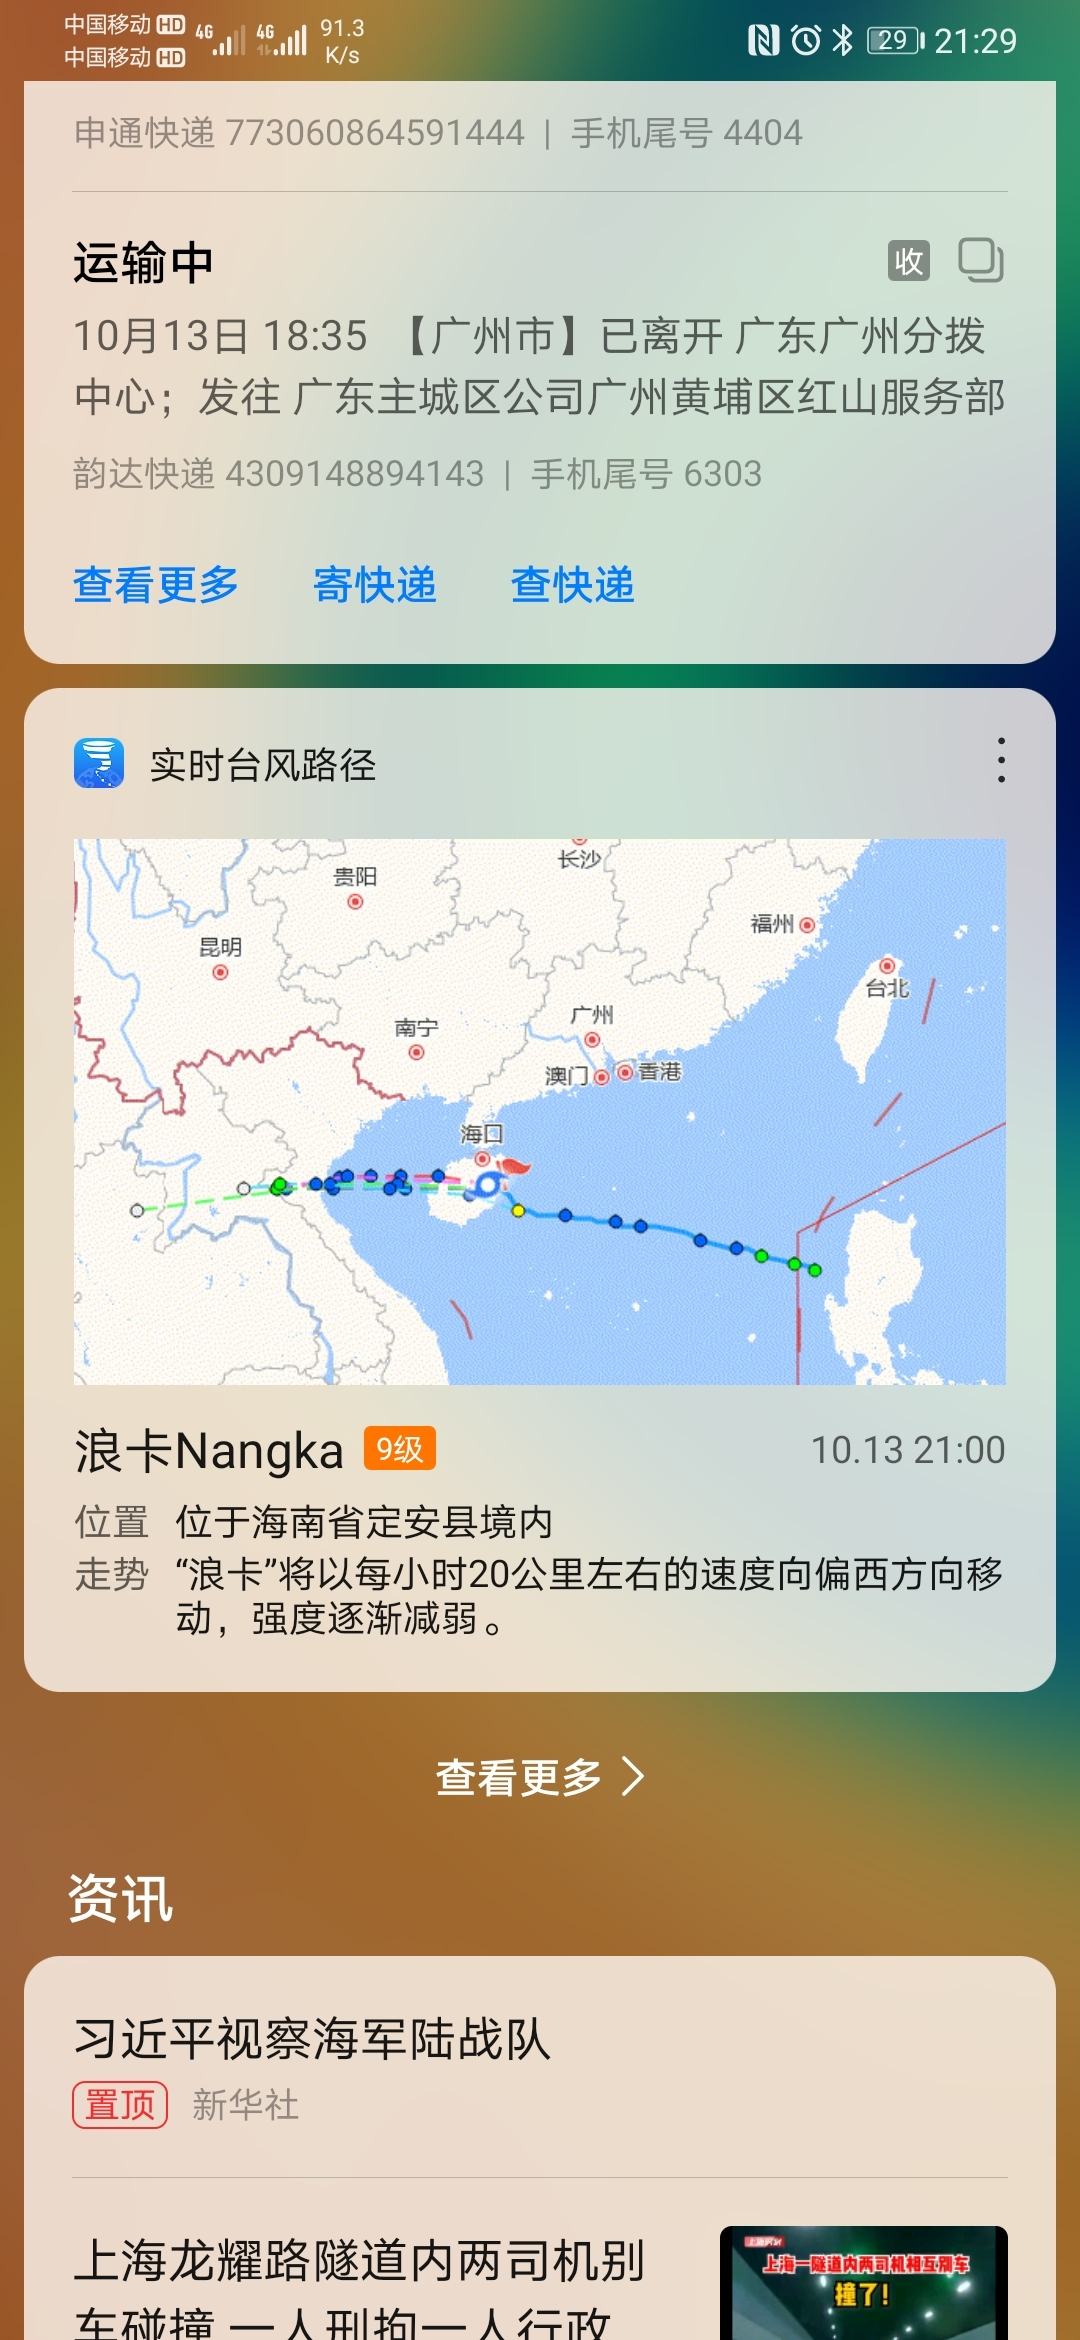 Screenshot_20201013_212926_com.huawei.android.launcher.jpg